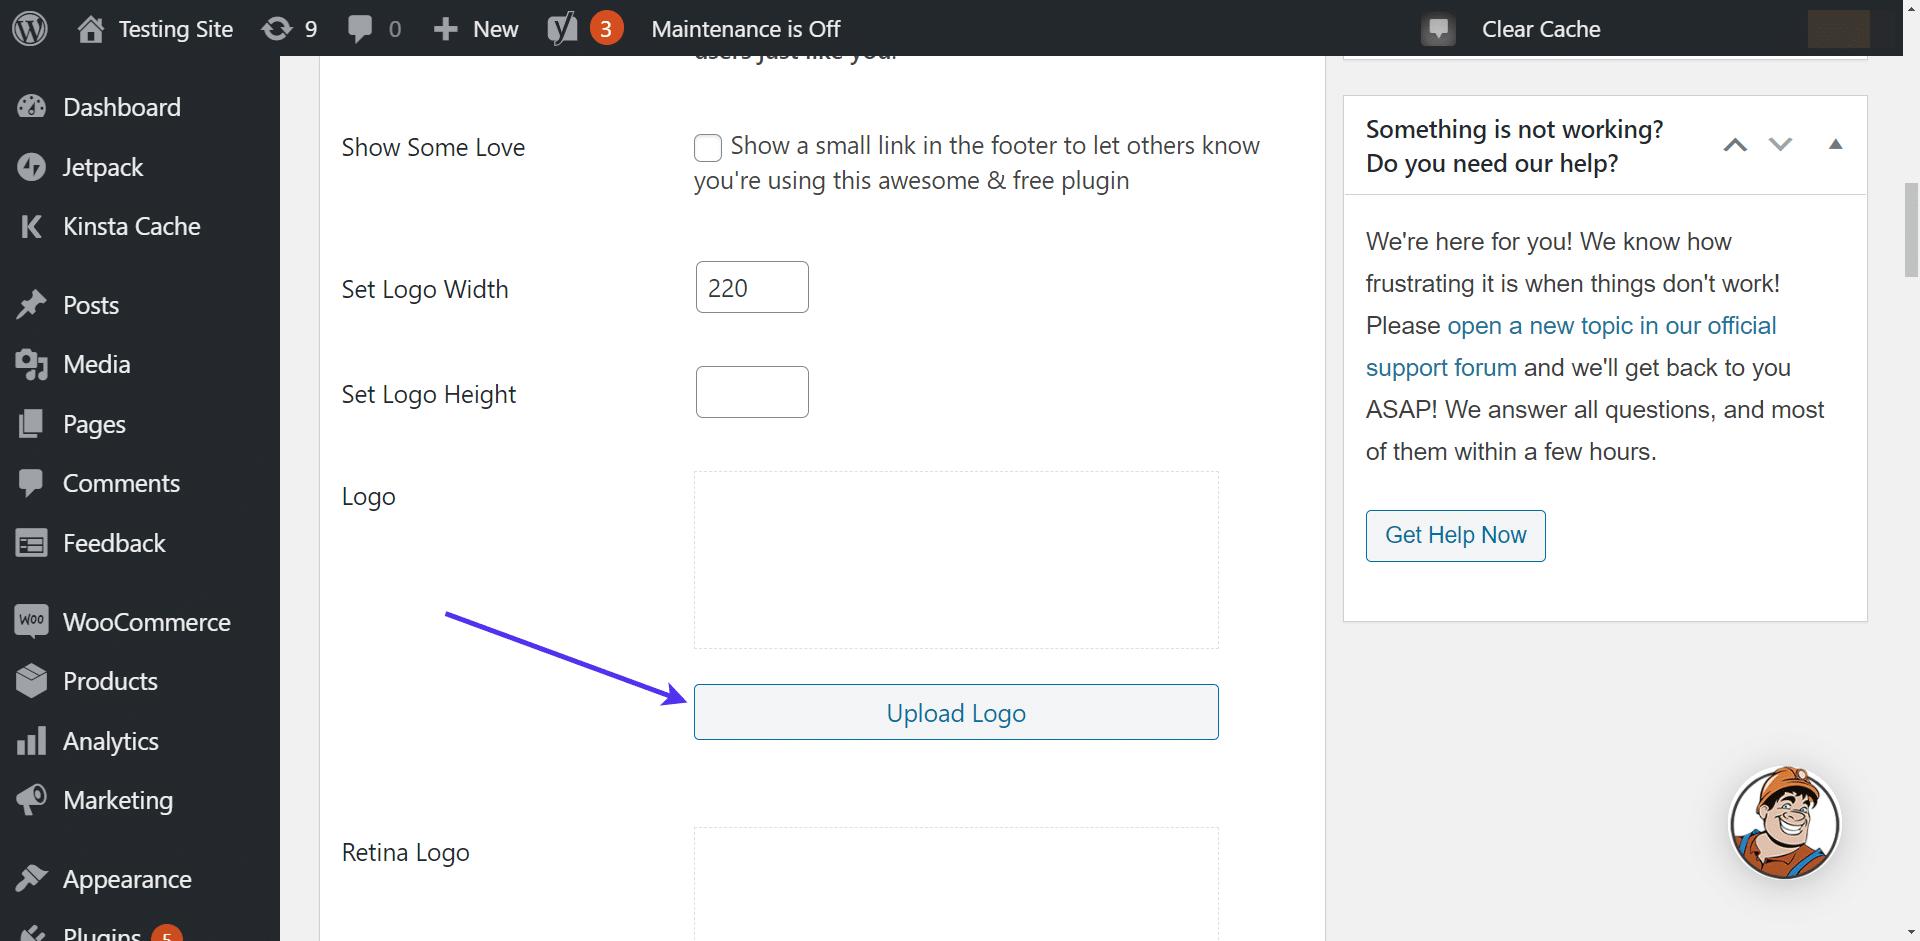 'Upload Logo' button